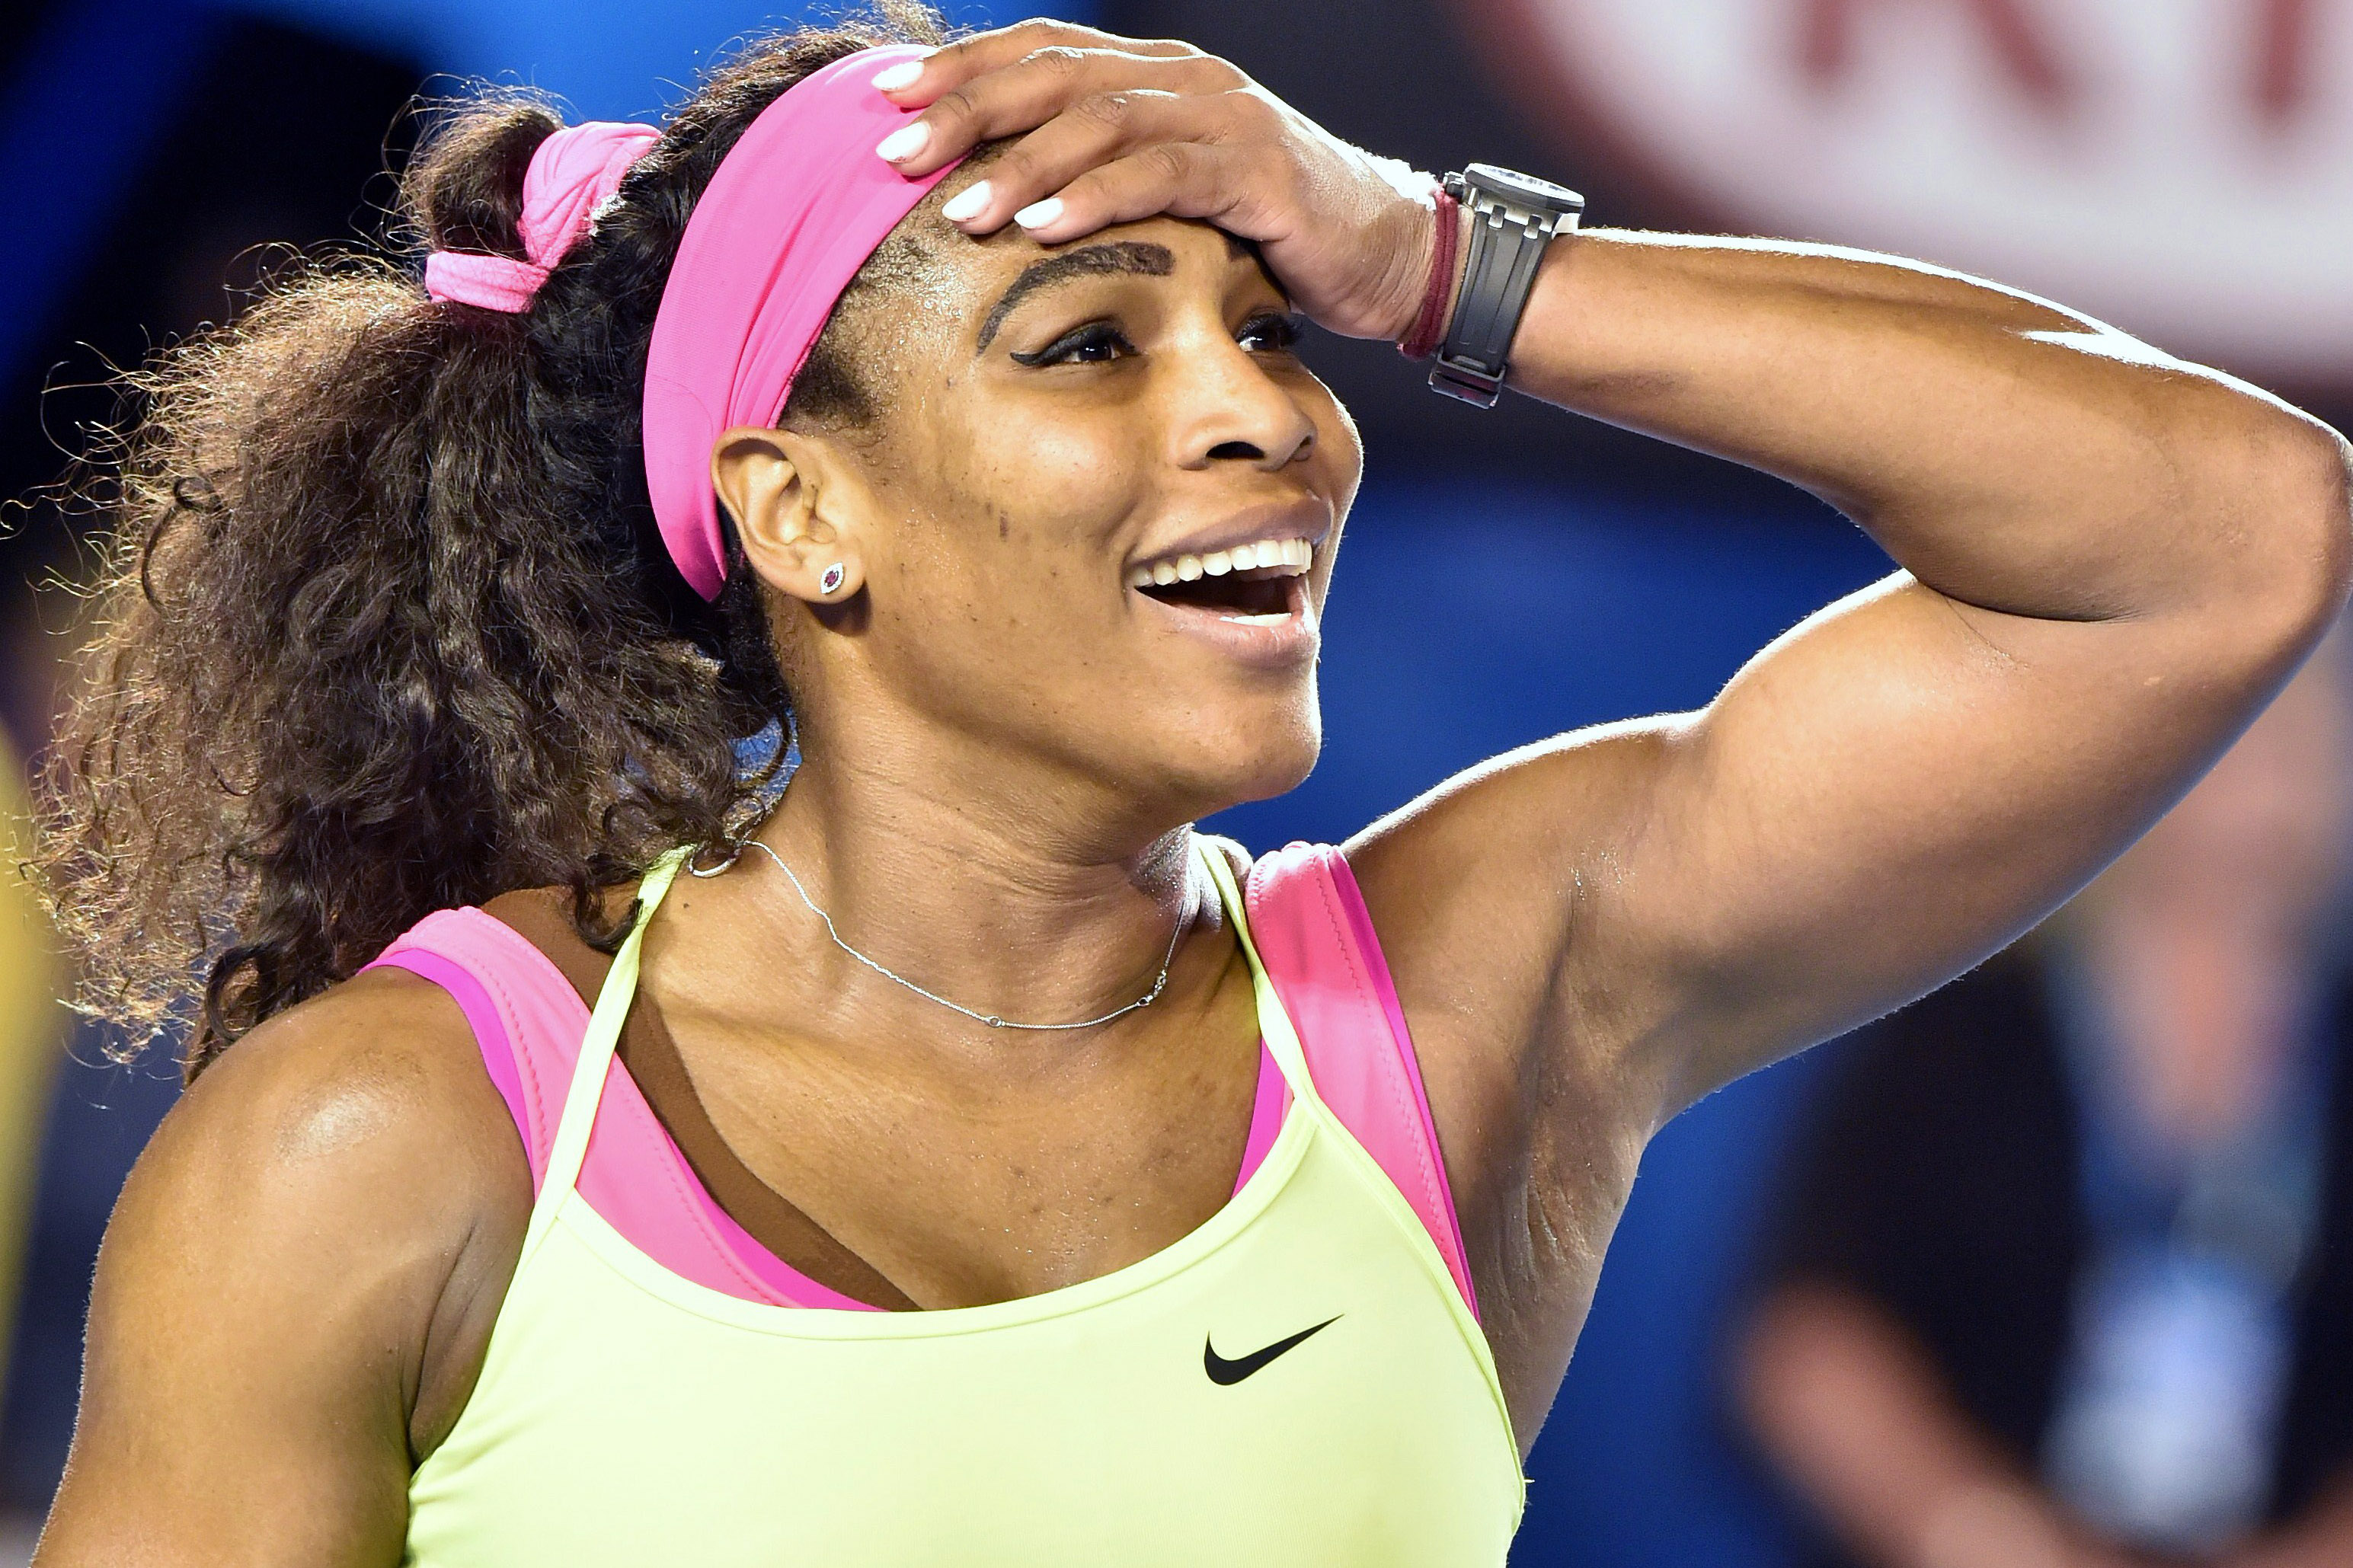 Serena Williams,Wimbledon,Flushing Meadows, Tennis, WTA rankings, pregnancy break, Tennis ranking,US Open